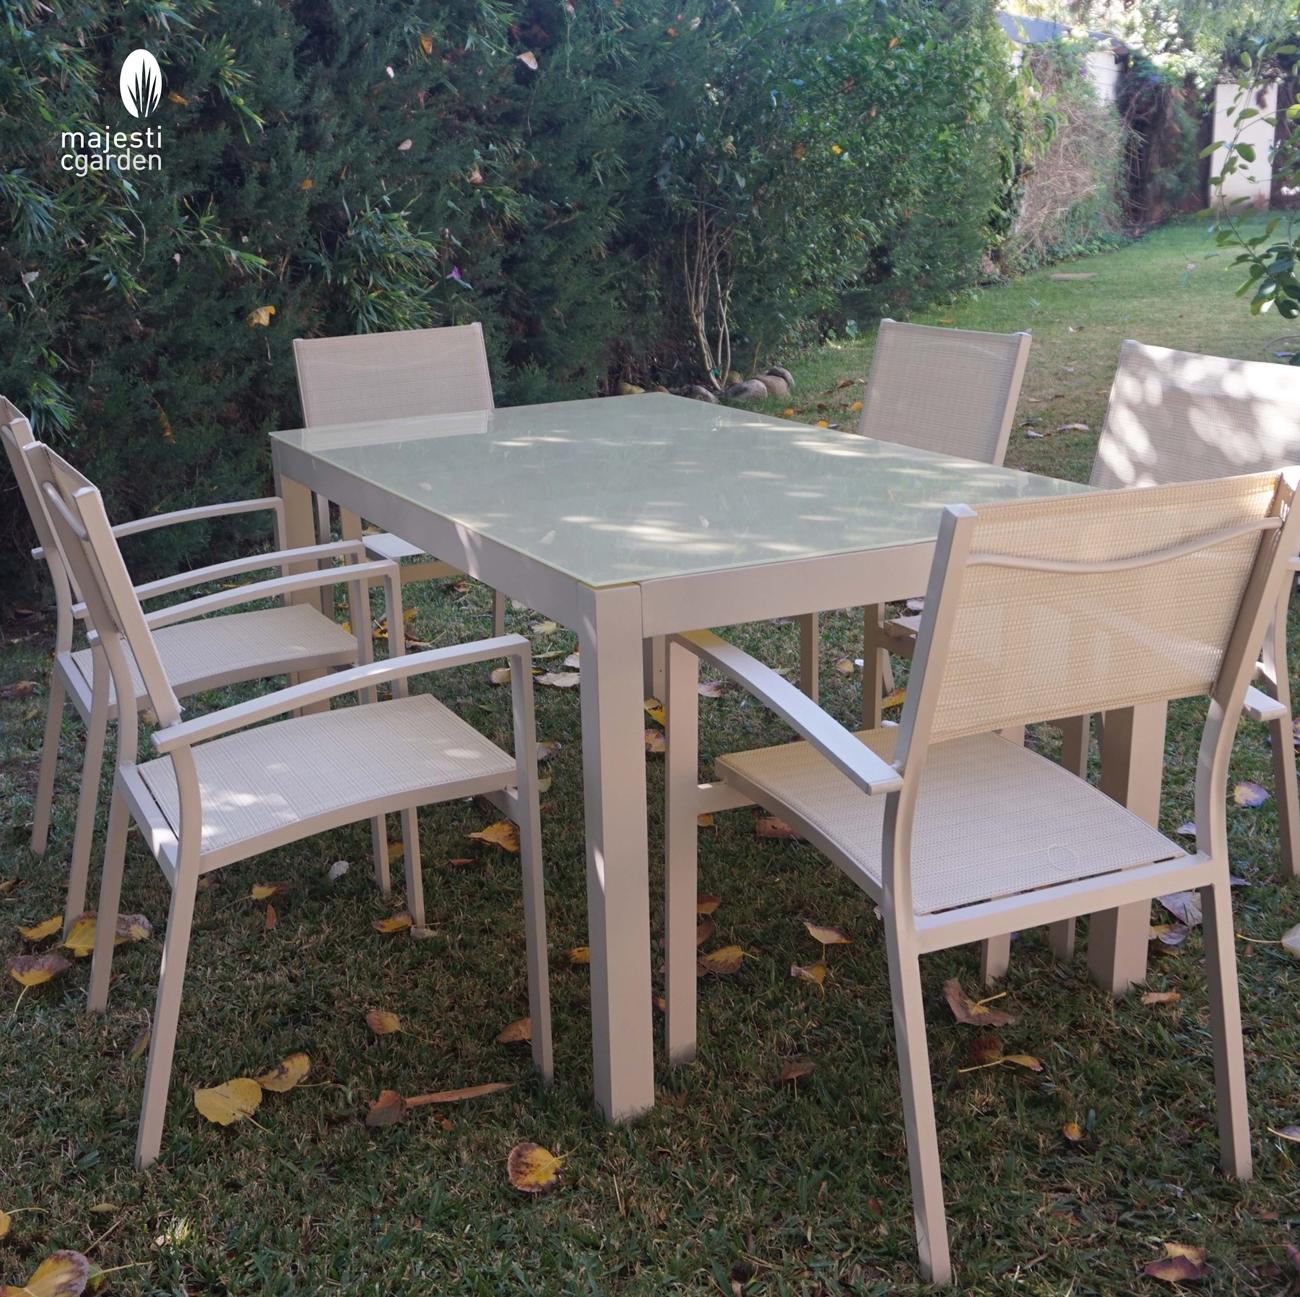 Mesa de comedor Lagar - Conjunto con estructura de aluminio y textiline color blanco, Composición de muebles de jardín o terraza modelo LAGAR de Majestic Garden